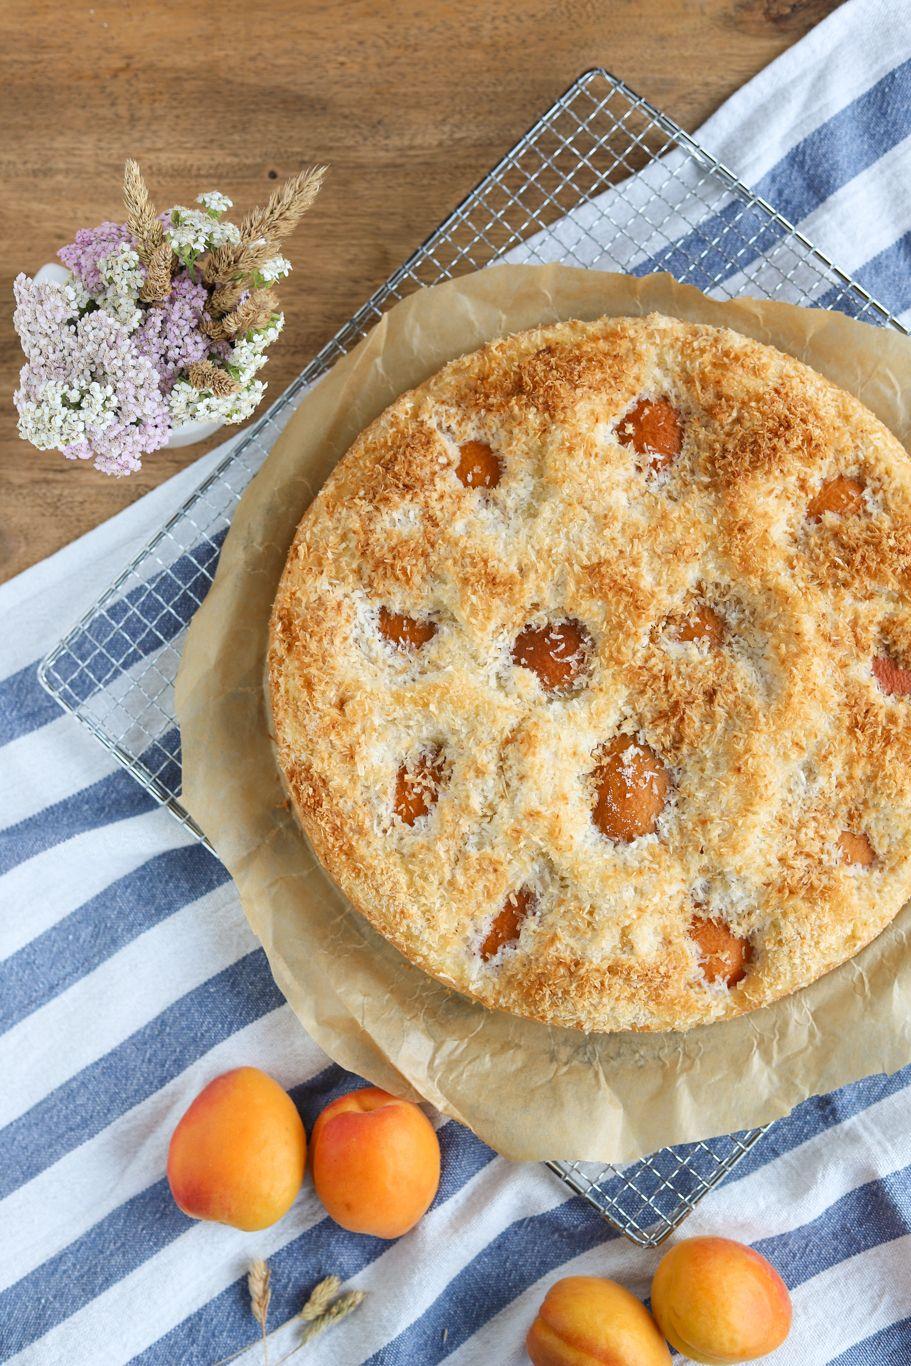 Aprikosen-Kokos-Kuchen - sommerlicher Rührkuchen - krimiundkeks #kuchentisch